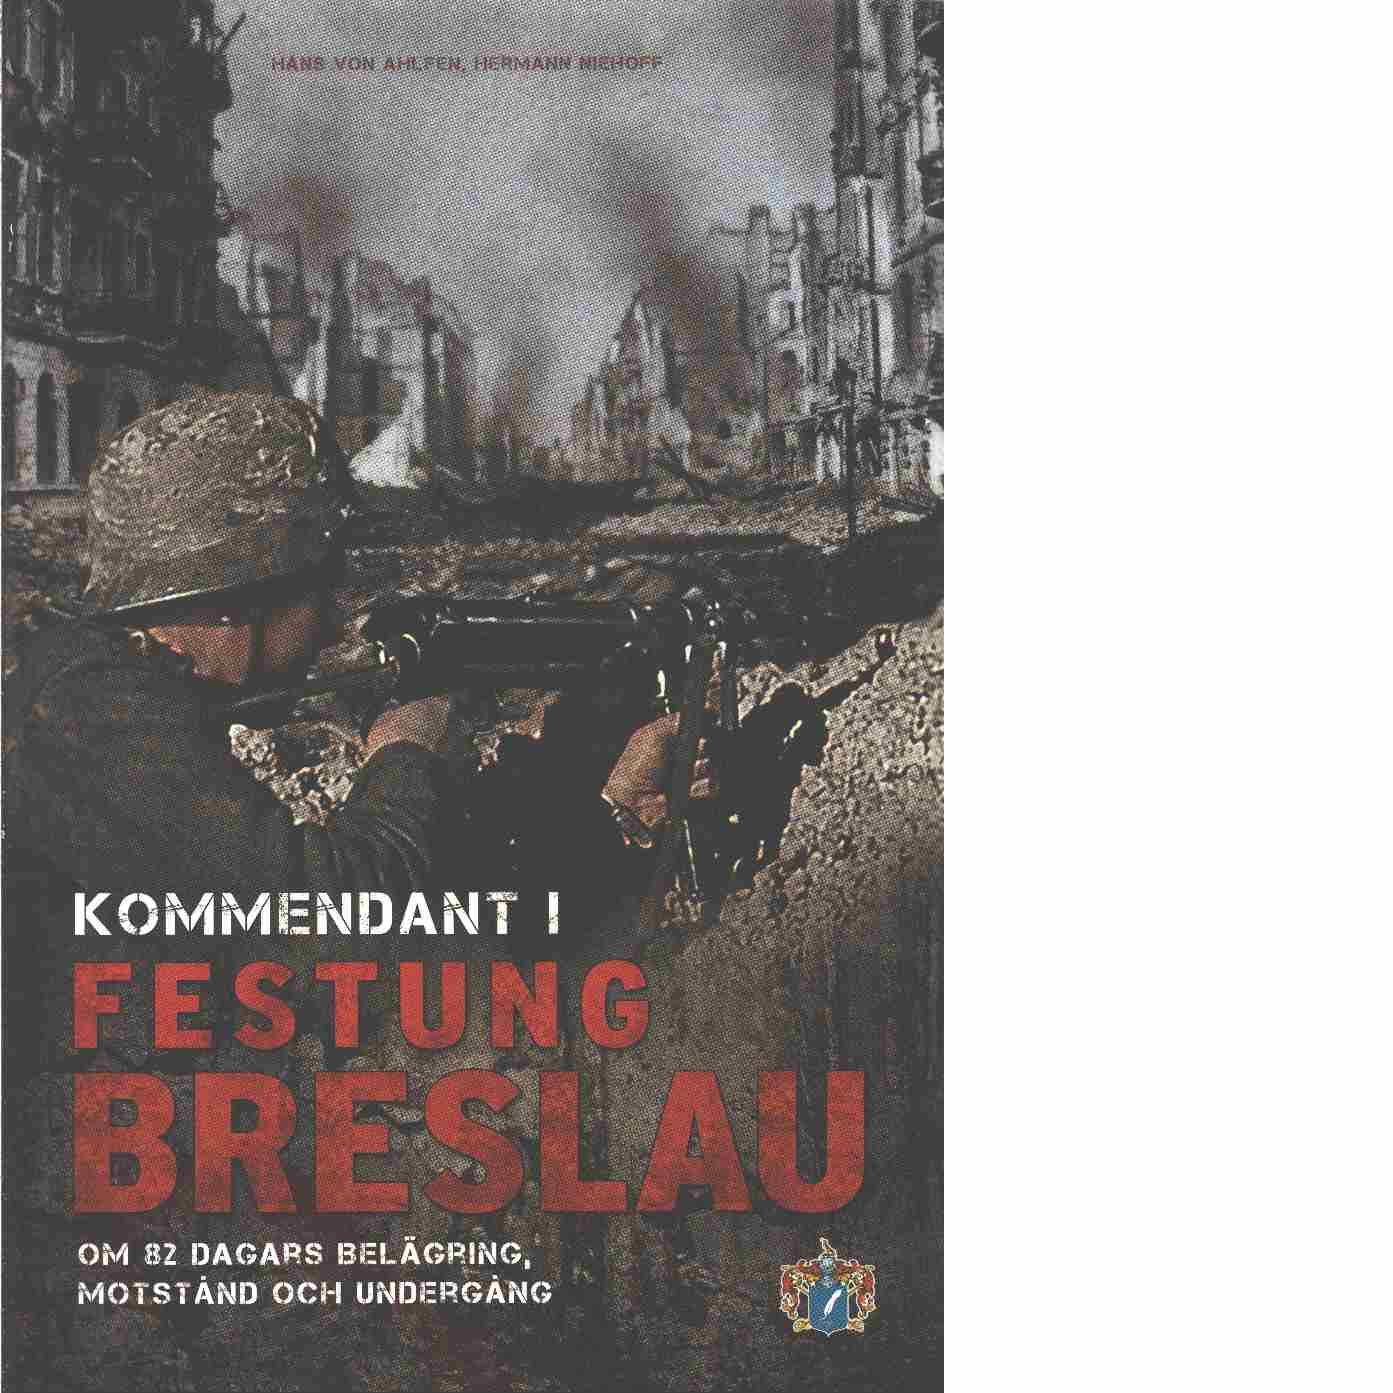 Kommendant i Festung Breslau : om 82 dagars belägring, motstånd och undergång  - Ahlfen, Hans von  och Niehoff, Hermann